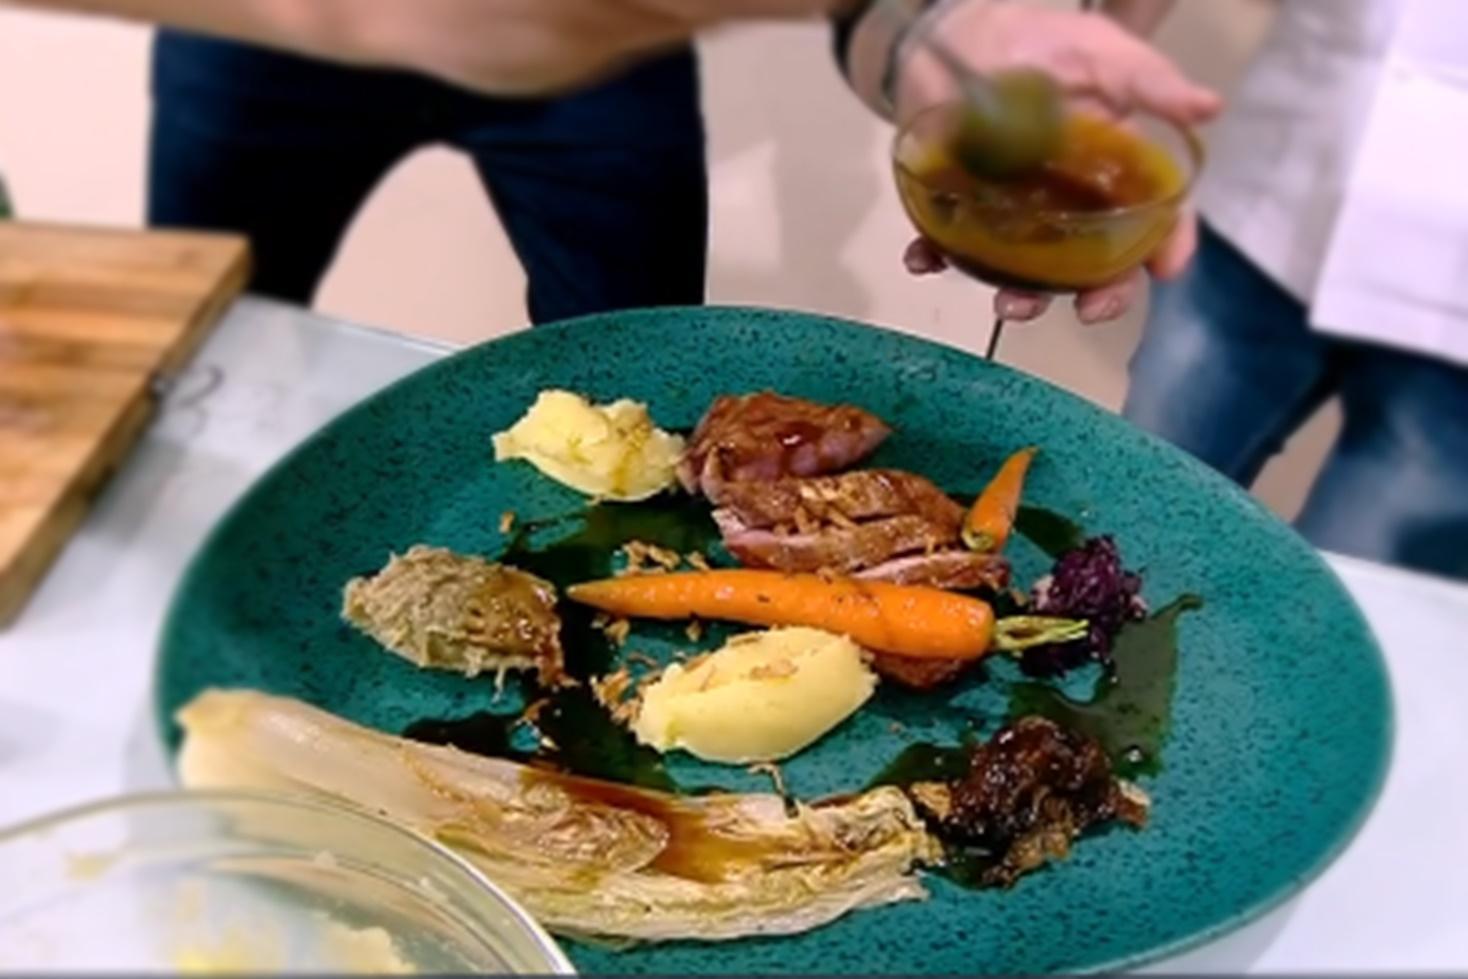 Piept de rață cu sos de citrice și garnitură de varză roșie cu piure de vinete. Rețeta lui Chef Nicolai Tand la Super Neatza